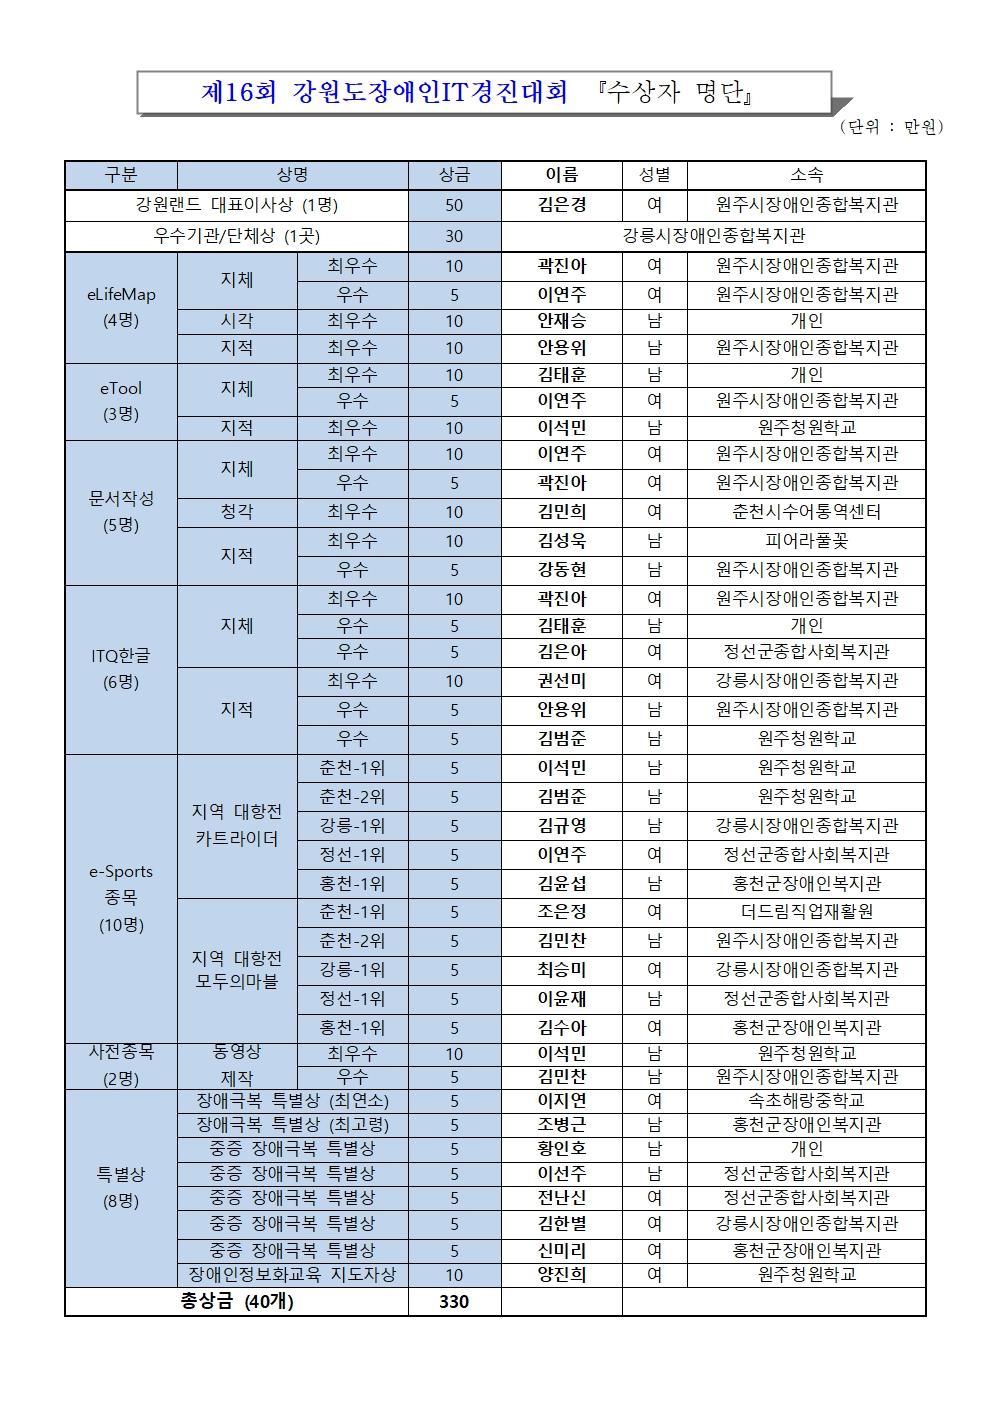 제16회 강원도장애인IT경진대회 수상자 명단_공고001.jpg